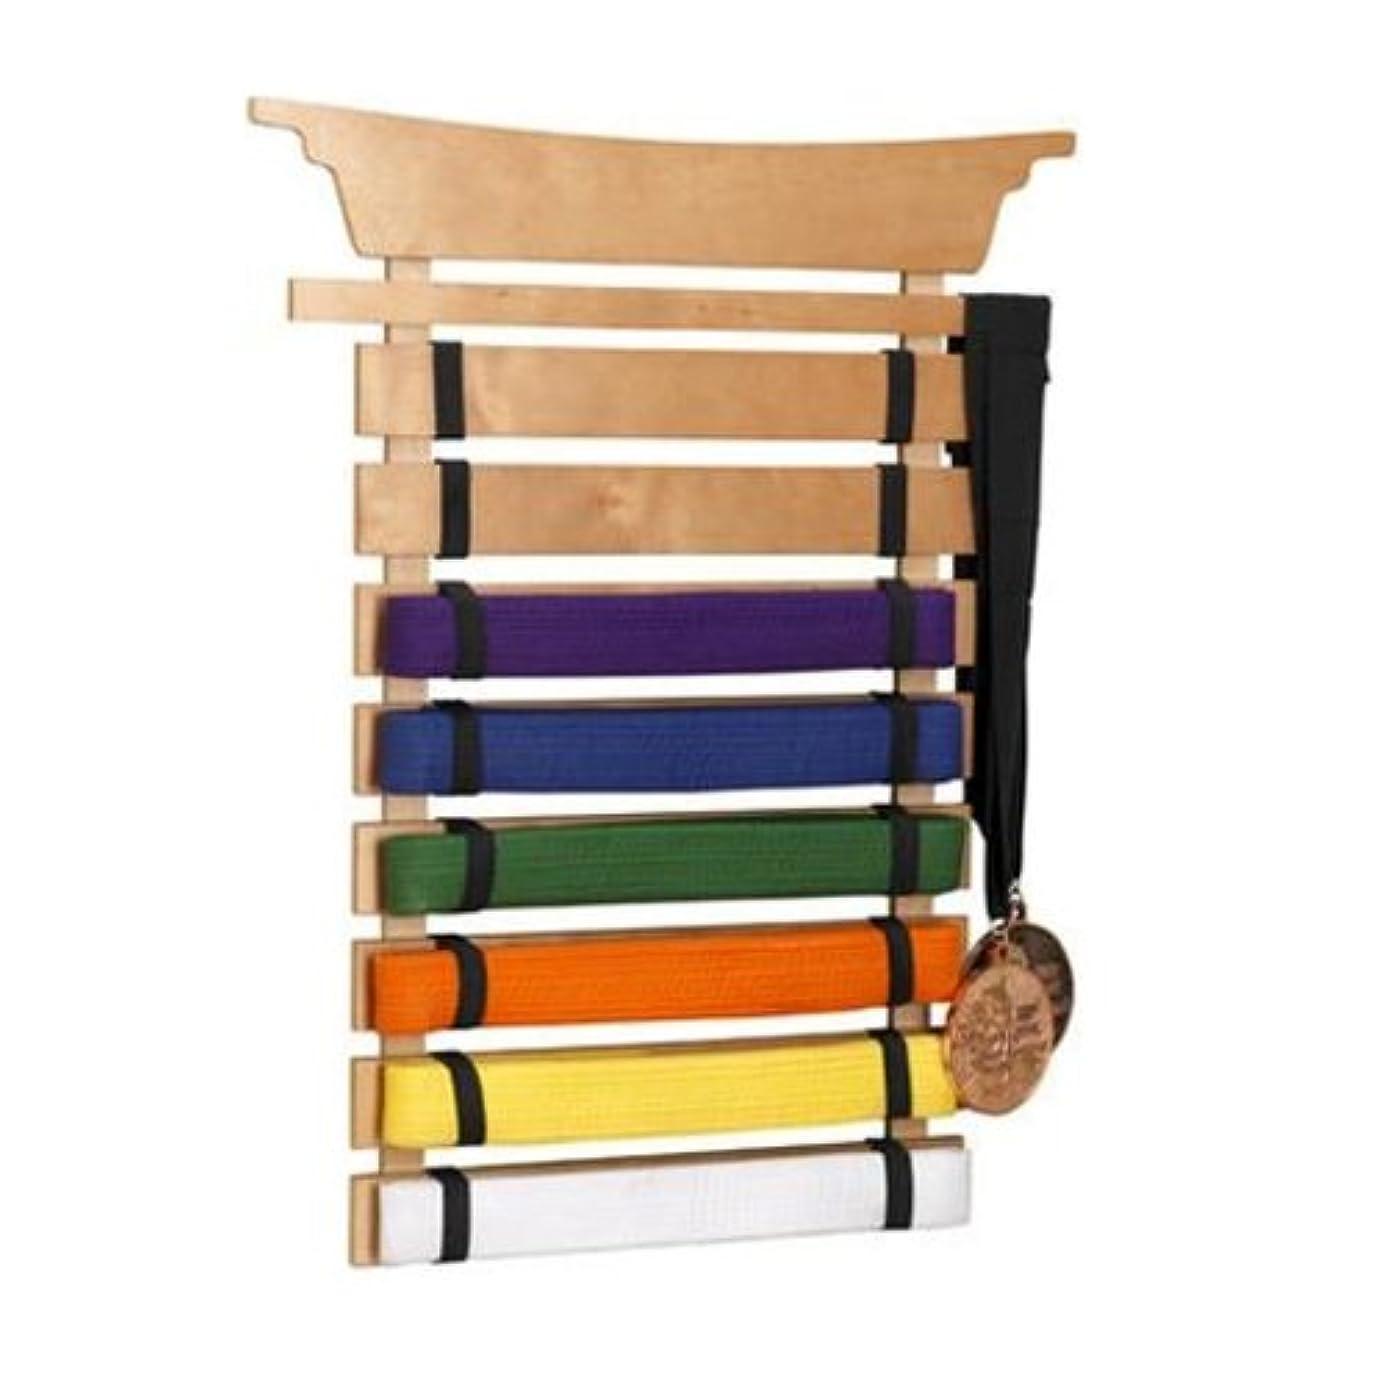 KidKraft Martial Arts Wooden Belt Holder Hanging Display for 8 Belts  (Unpersonalized)